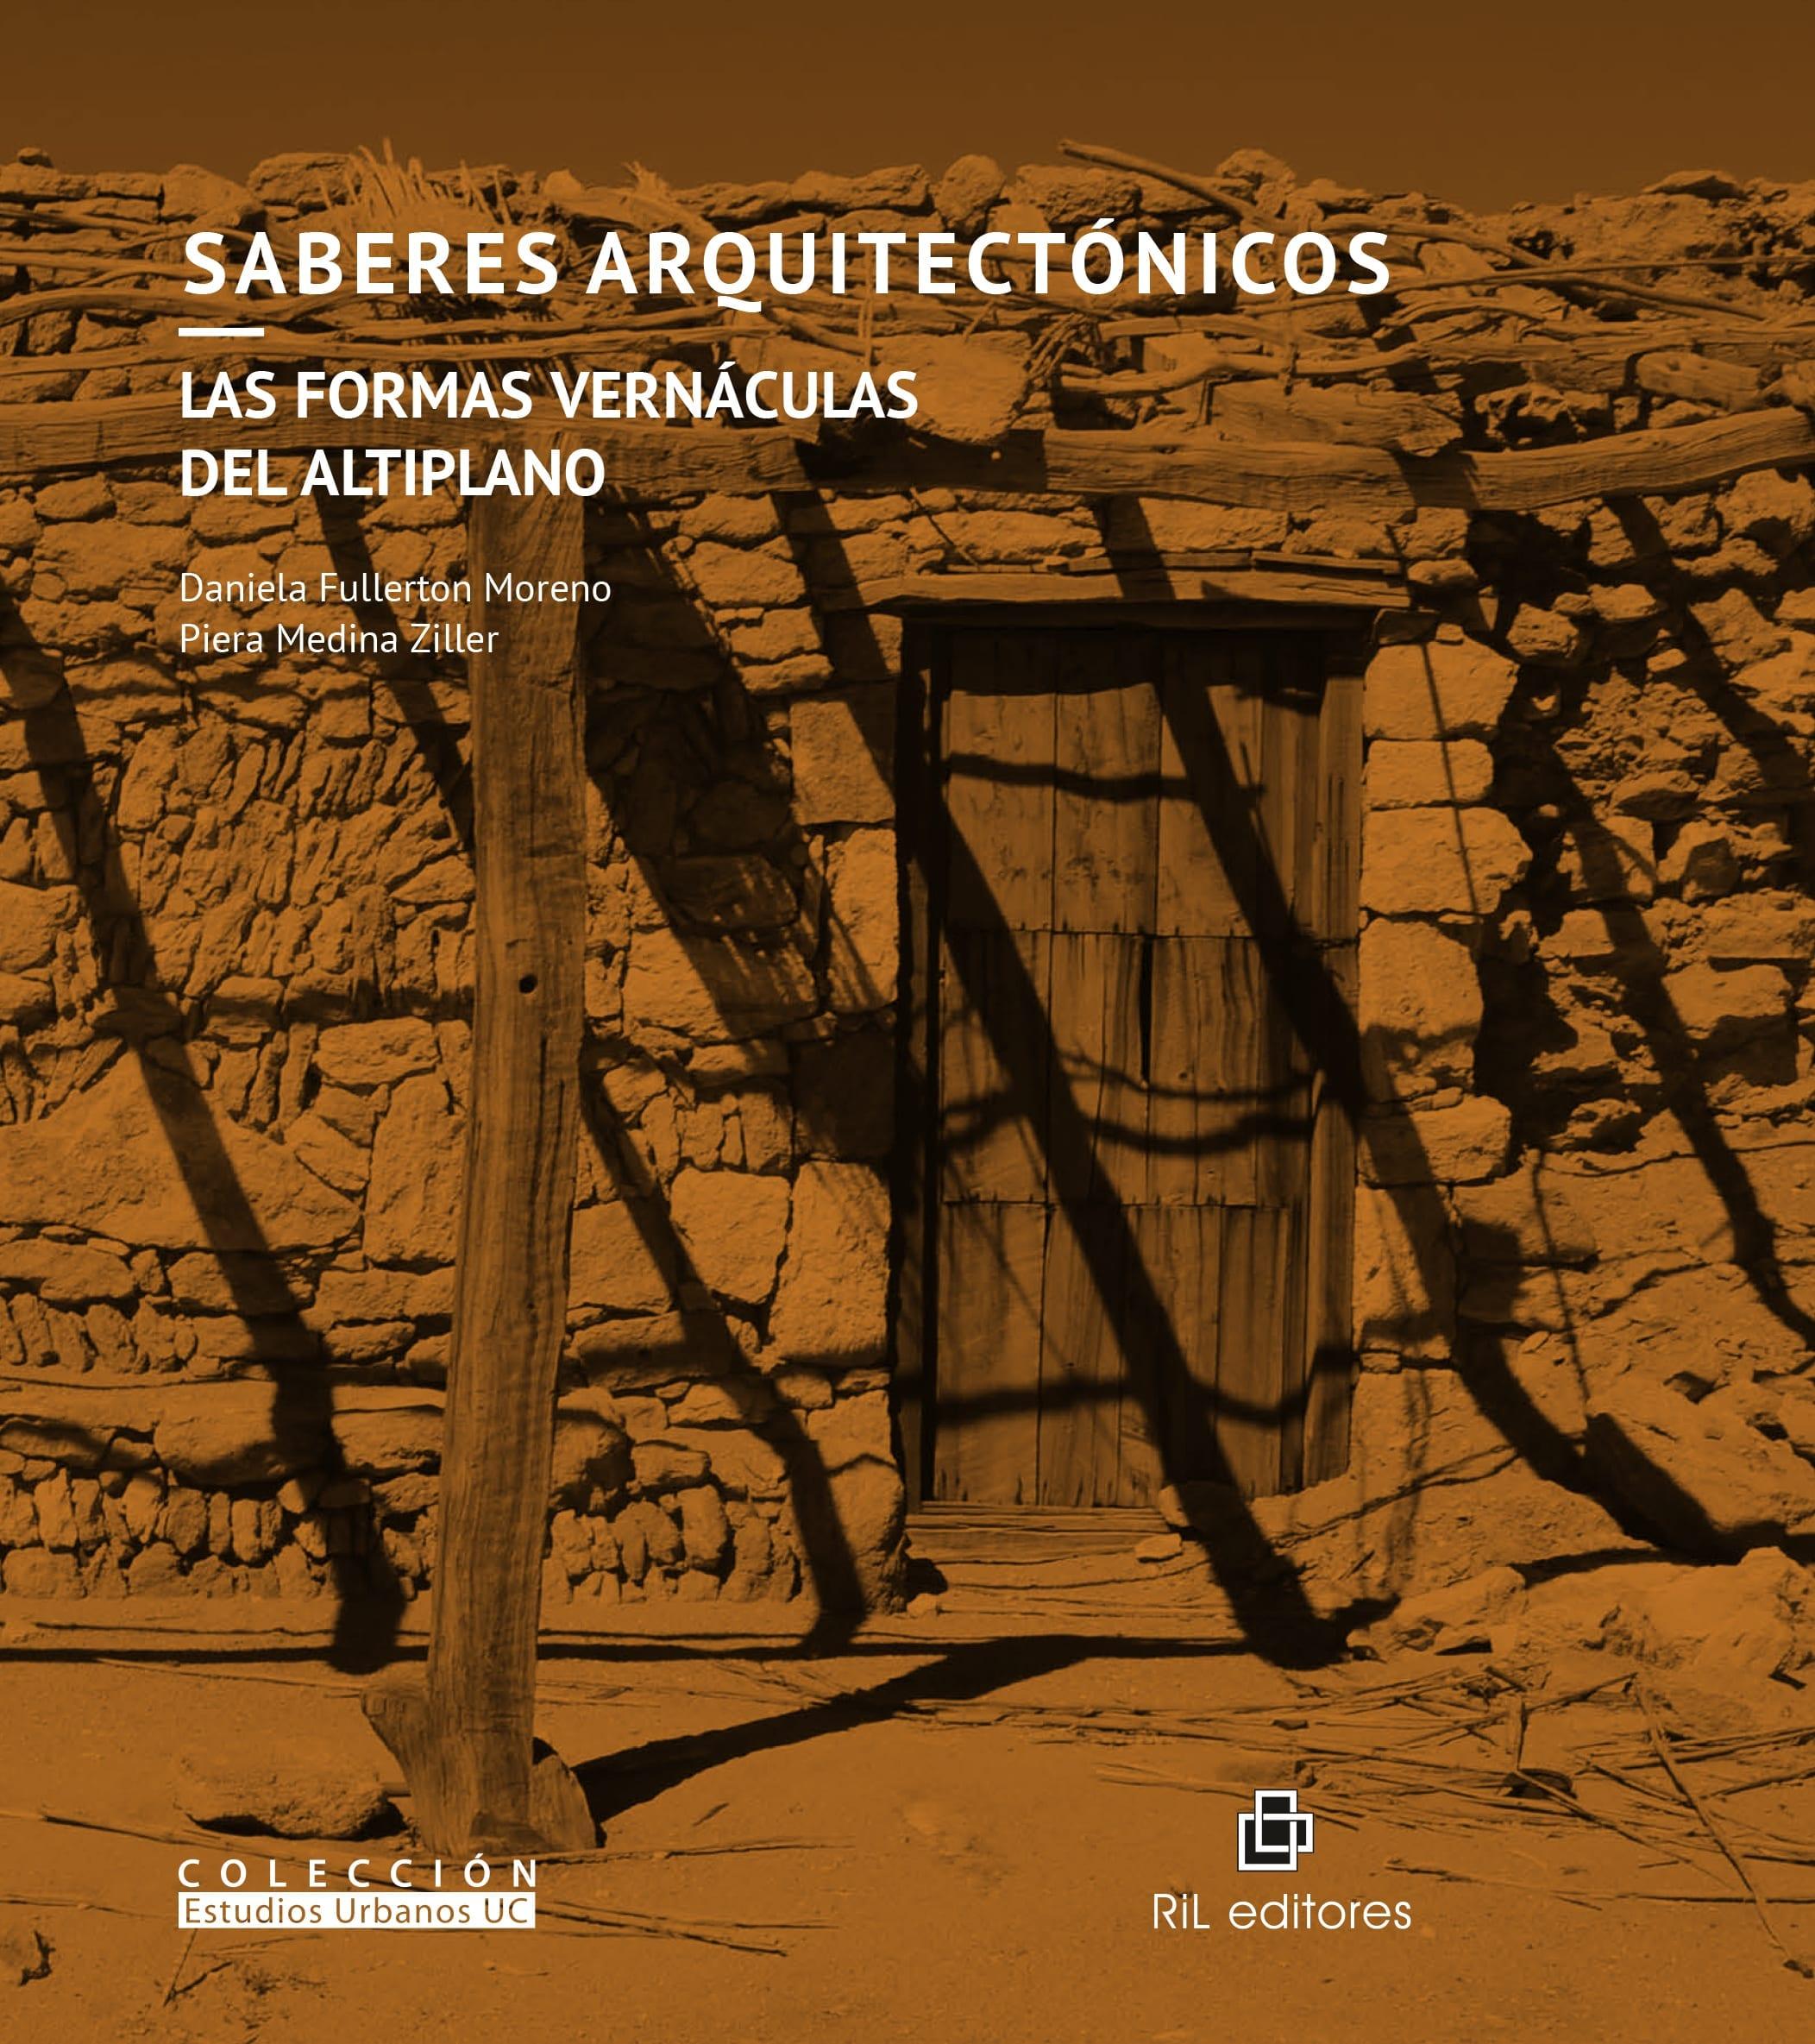 Saberes Arquitectónicos, las formas vernáculas del Altiplano